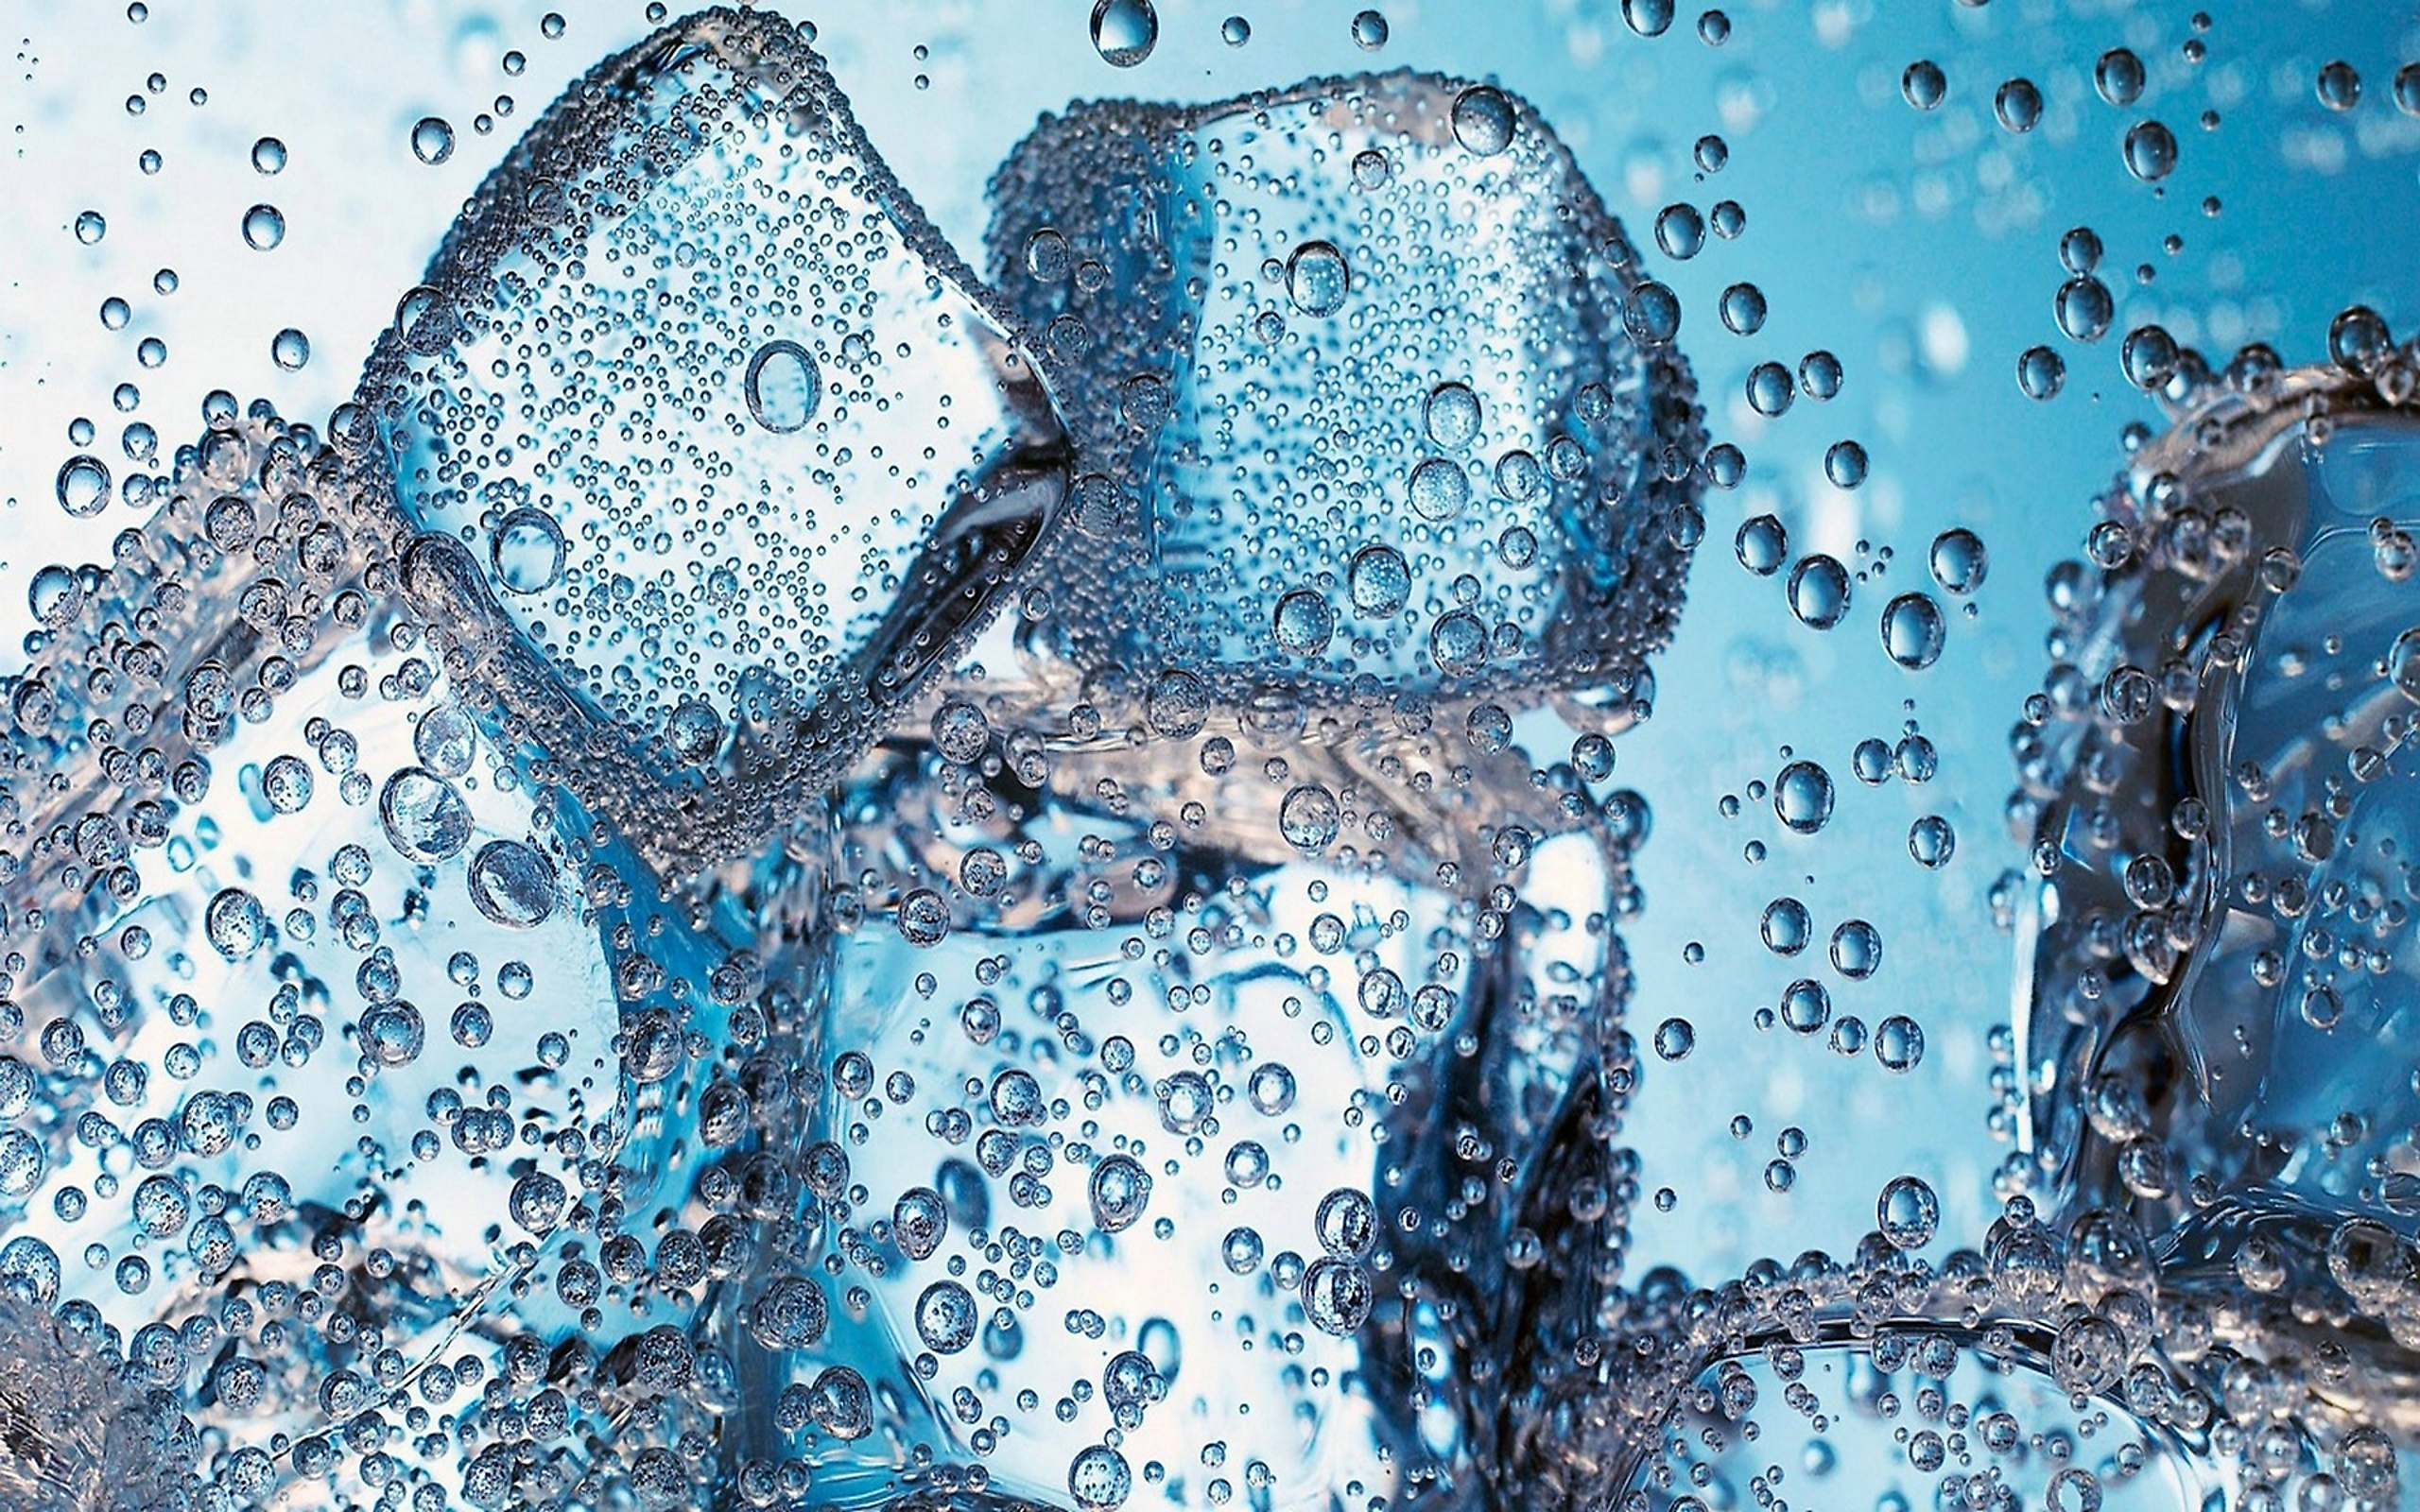 пузыри фон макро  № 3276025 без смс